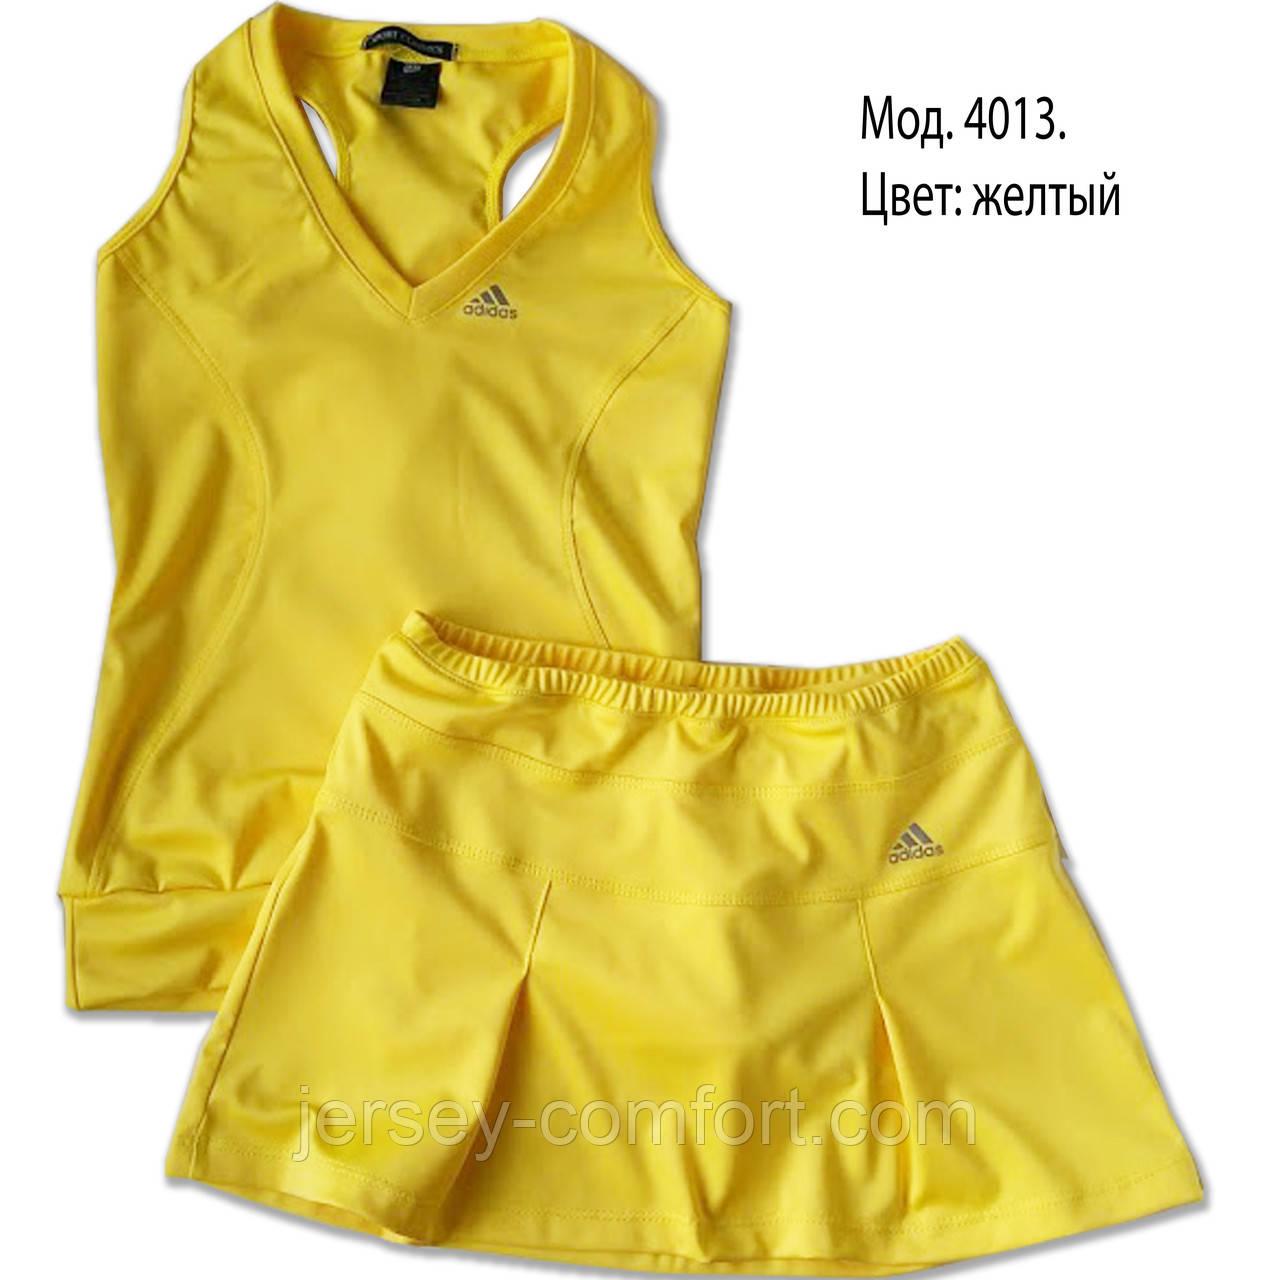 Комплект из эластана. Юбка-шорты и майка, желтая. Мод. 4013. Разные цвета.